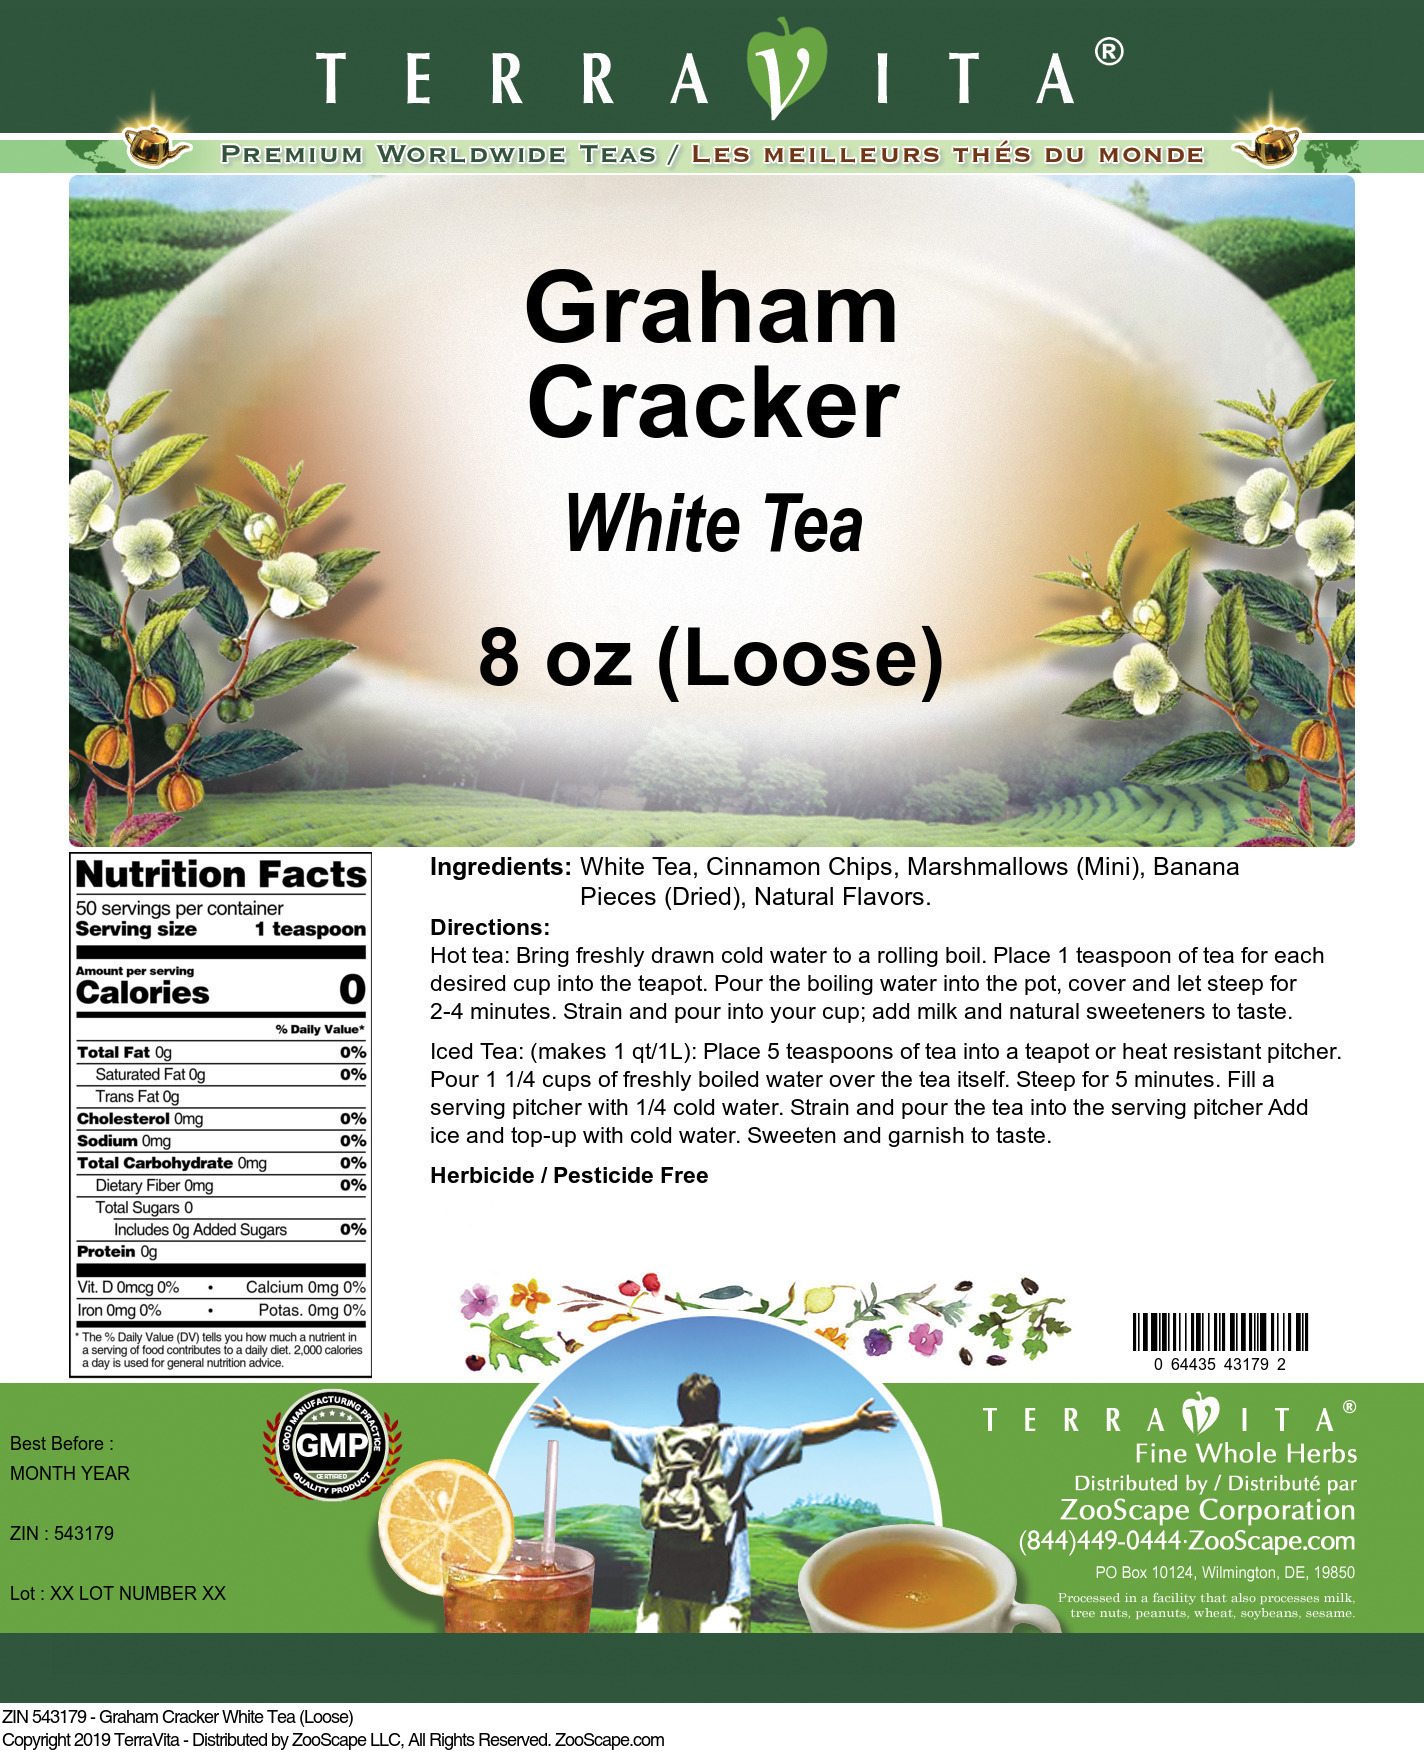 Graham Cracker White Tea (Loose)